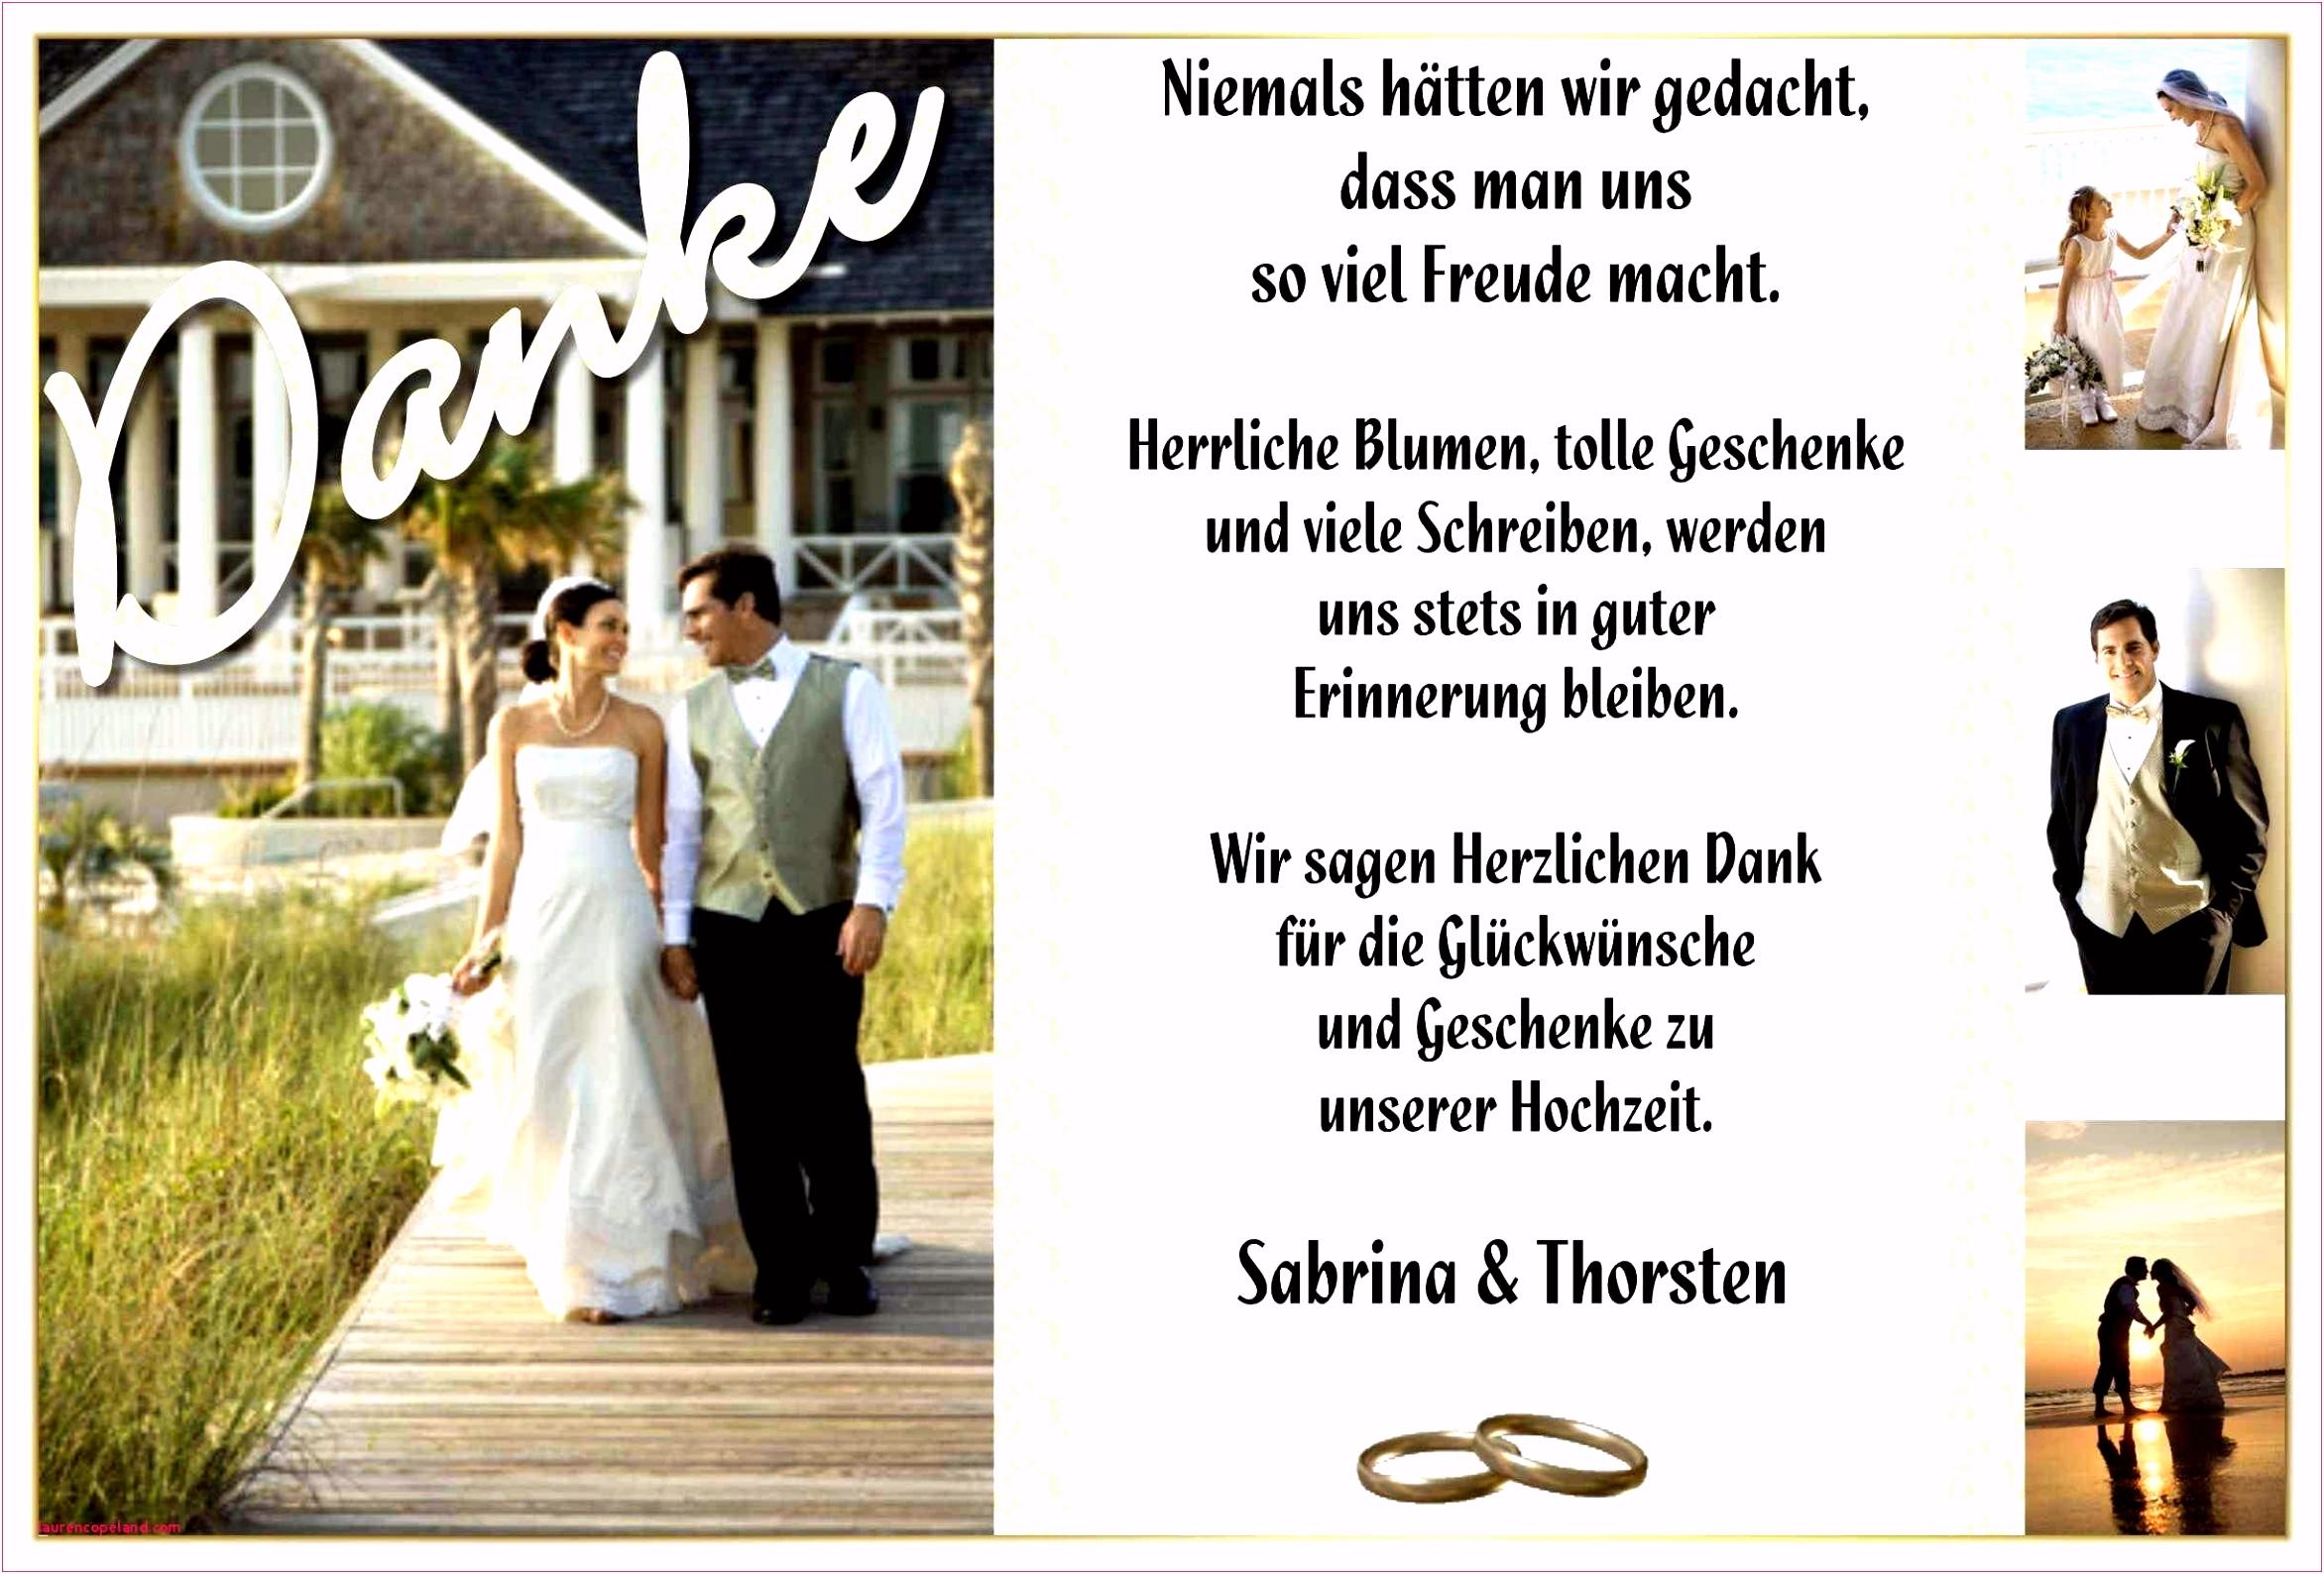 Vorlagen Silberhochzeit Gluckwunsche Danksagung Silberhochzeit Vorlage Danksagung Hochzeit Vorlage 35 I9mu02klj3 Q5ygv5mdw6